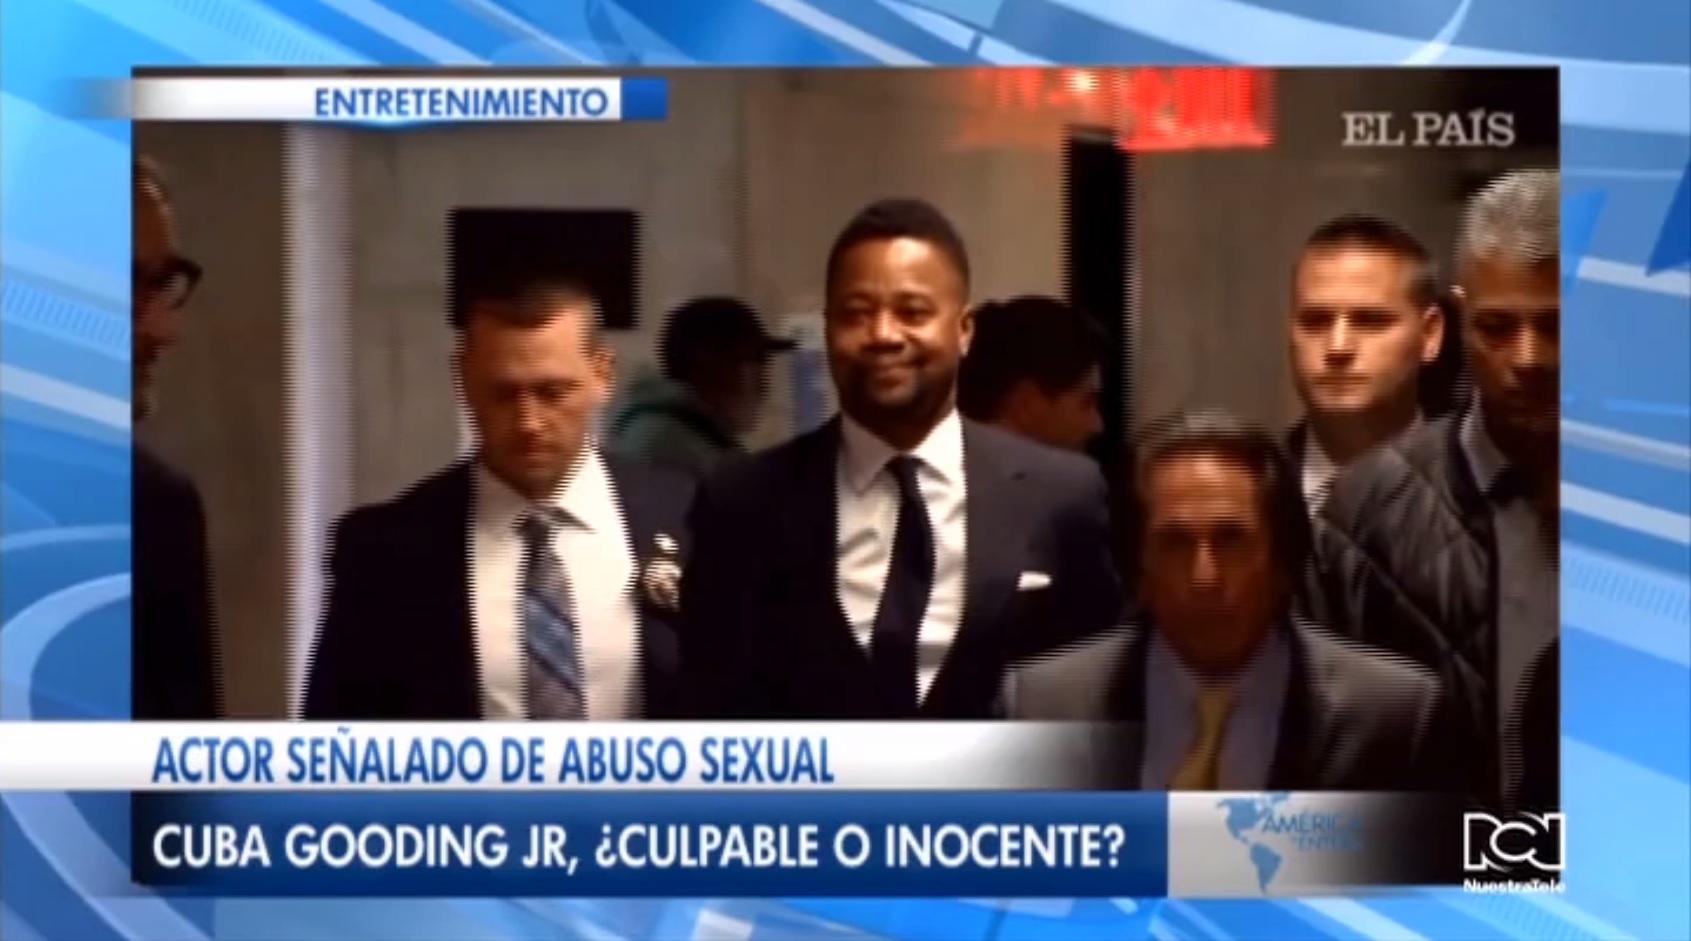 Segunda mujer acusó a Cuba Gooding Jr. de comportamiento sexual inadecuado